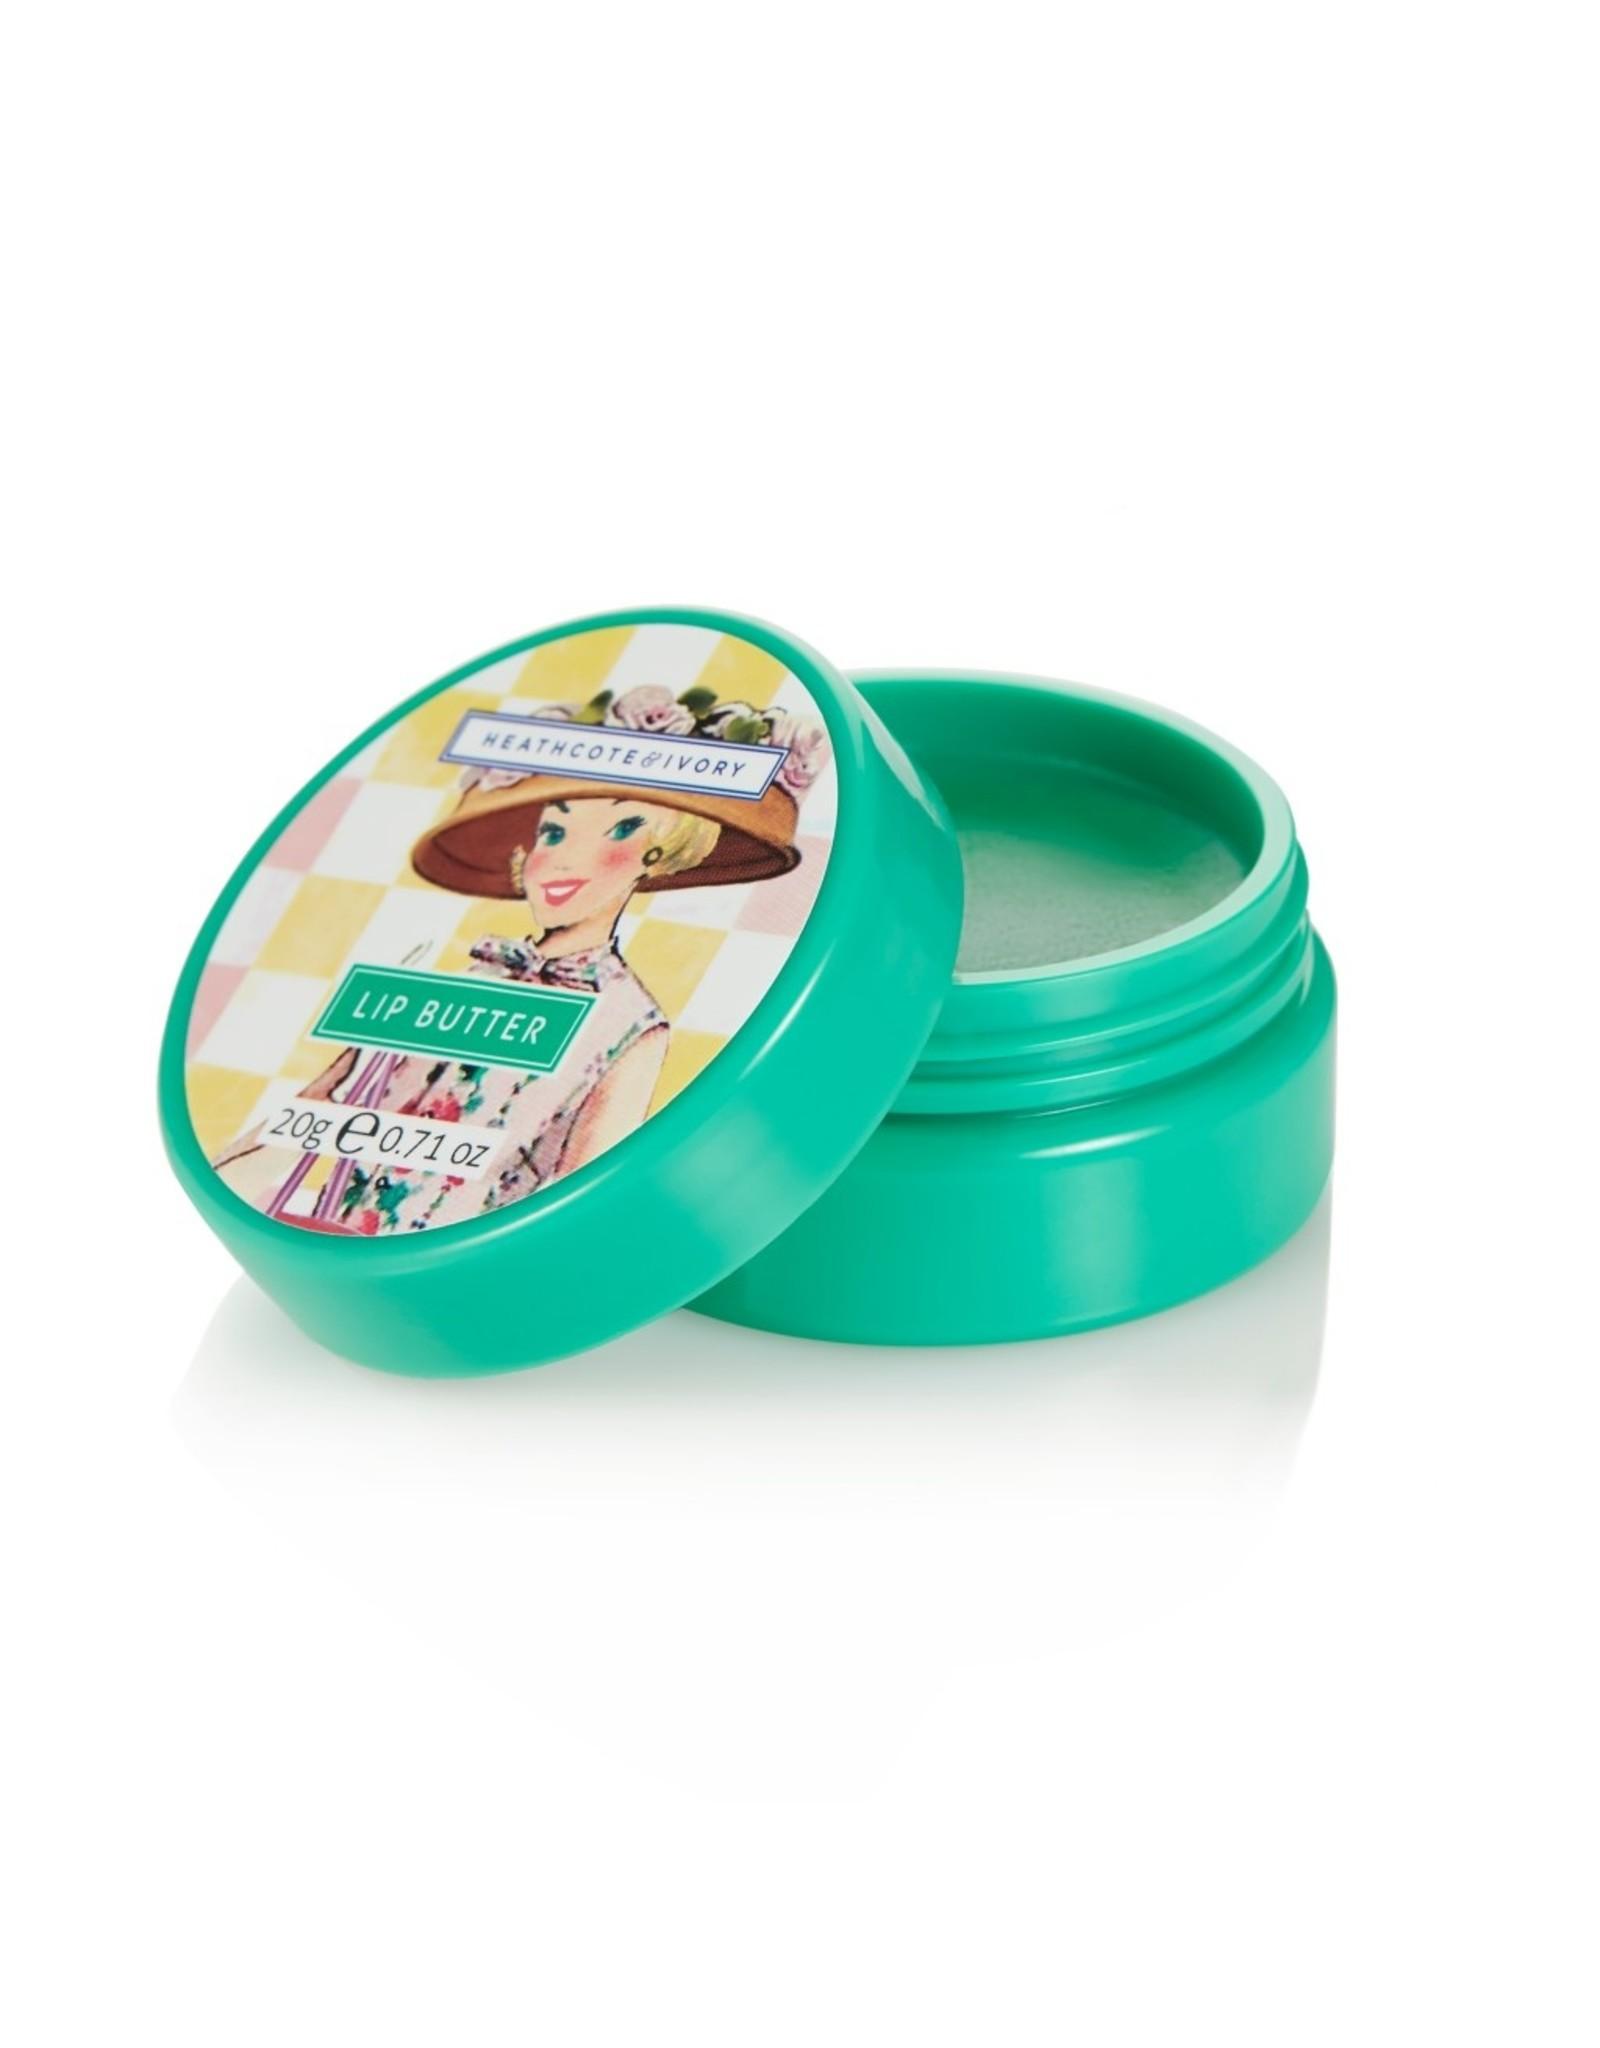 Vintage Bonnets & Belles Lip Butter